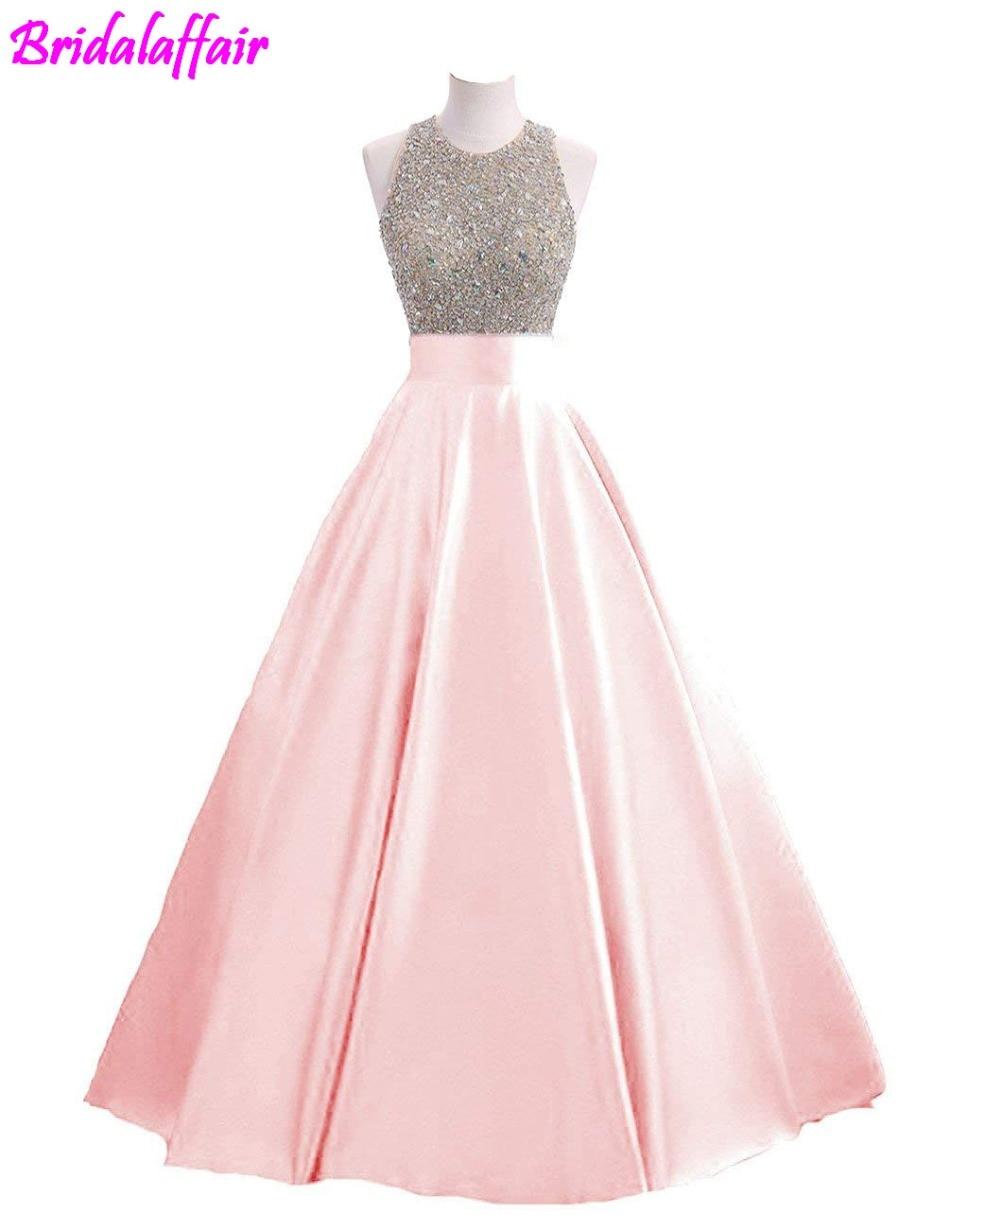 Paillettes pour femmes Keyhole retour robe de bal perlée bal robes formelles longue robe de bal robe formelle robe de soirée 2018 robe - 6